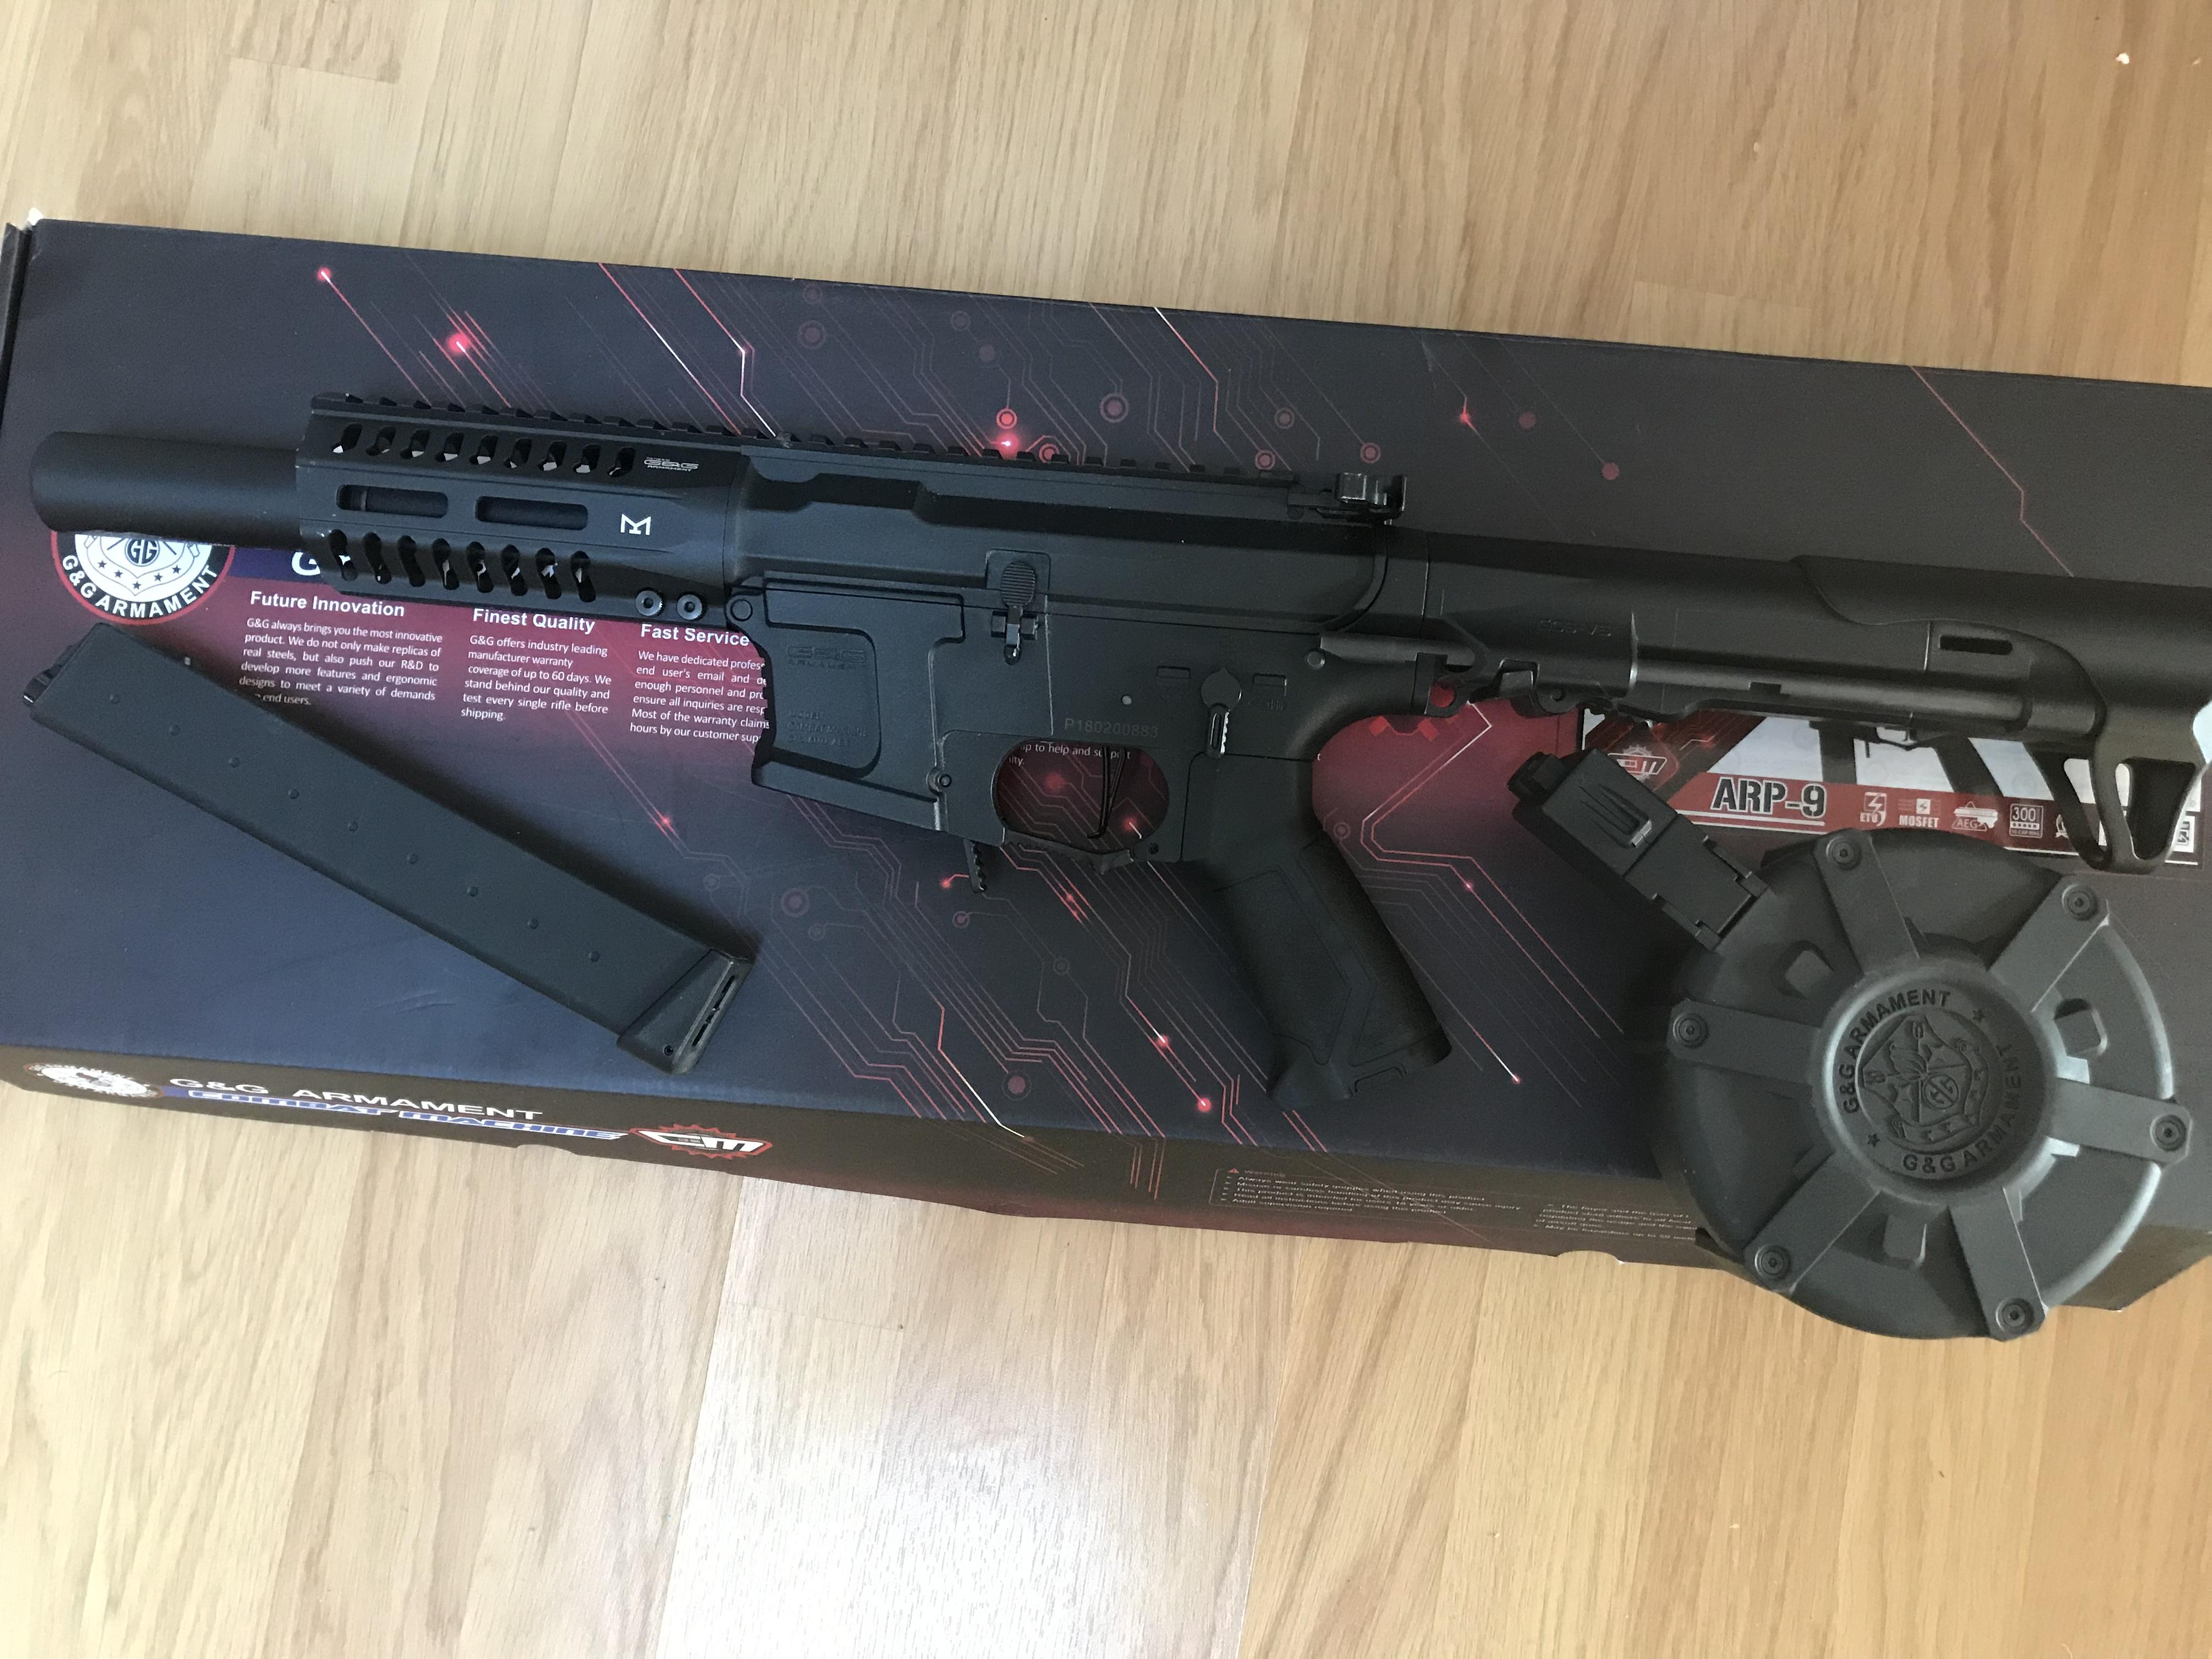 Arp9 g&g upgrade